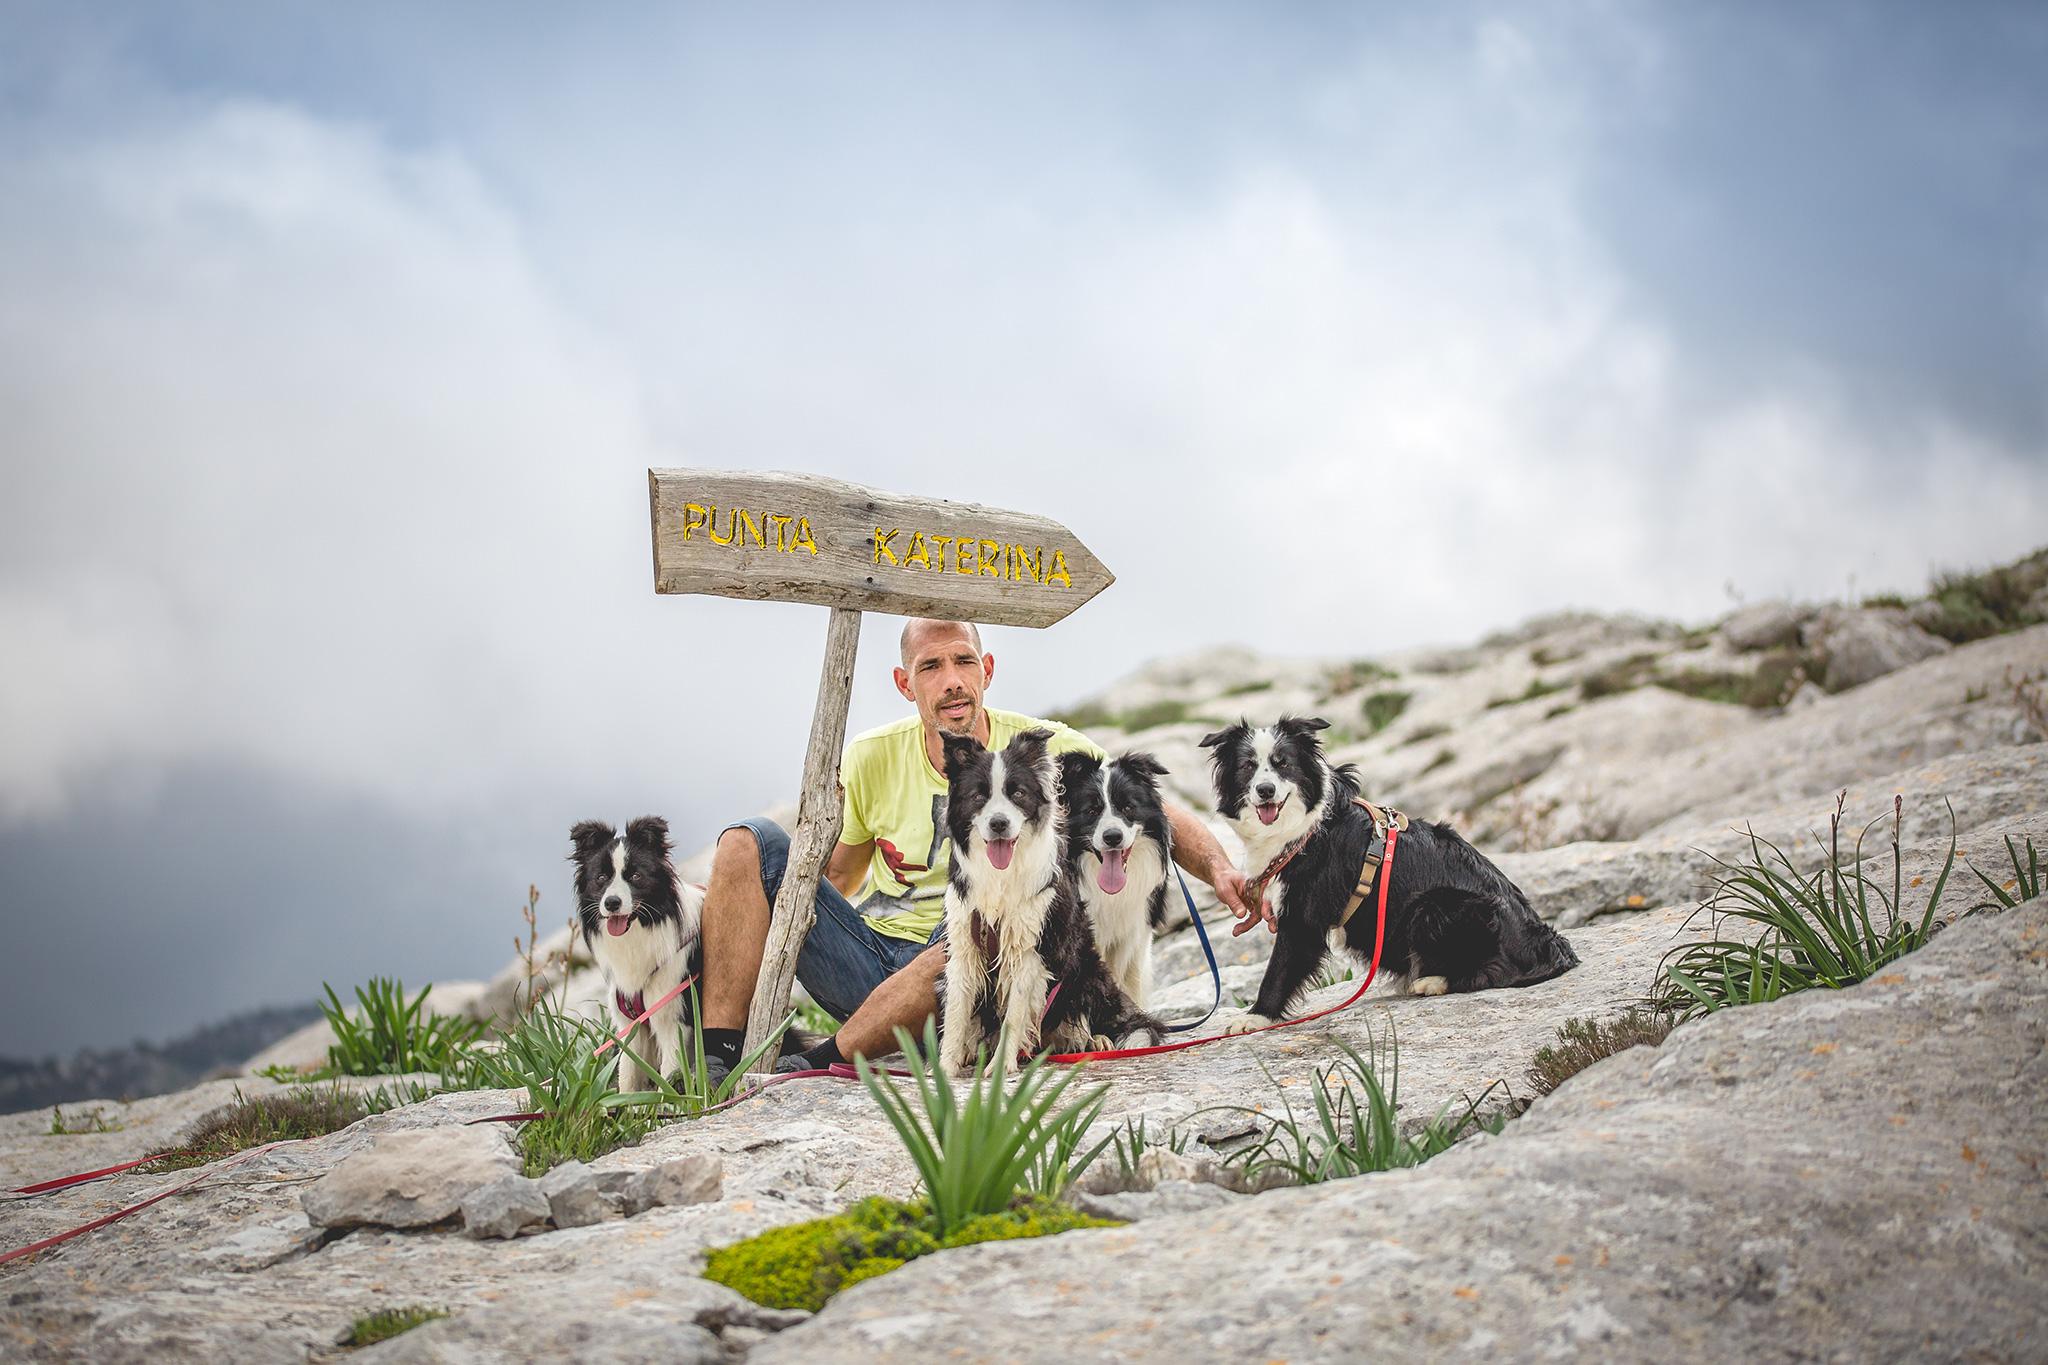 06|05|2018 – Bergwanderung mit unseren Border Collies im Monte Albo